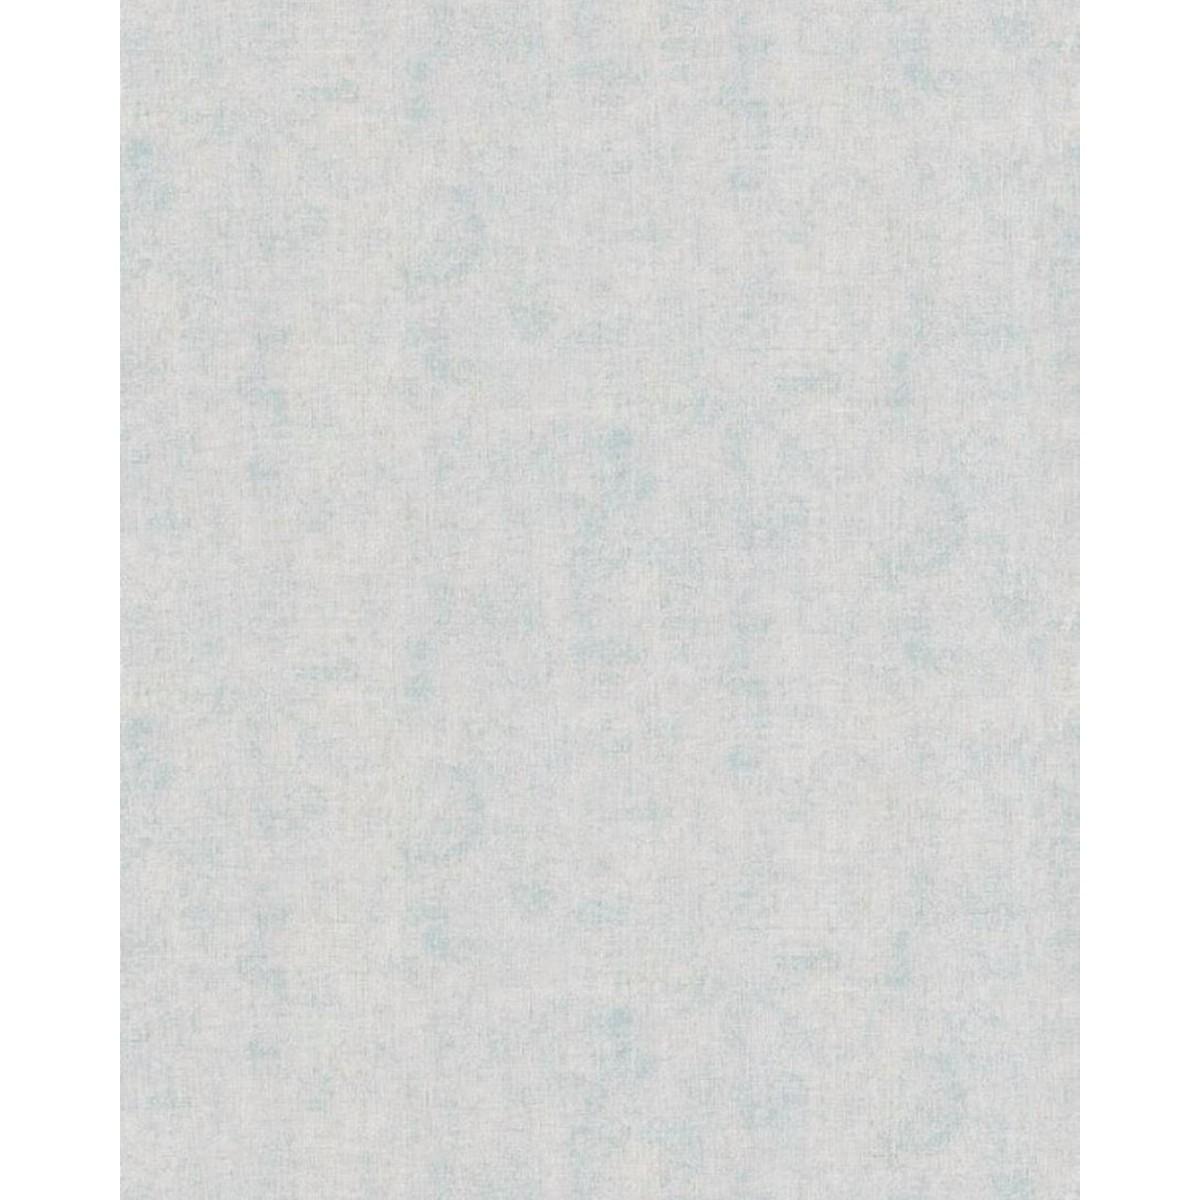 Обои флизелиновые Мир Авангард коричневые 1.06 м 46-143-07